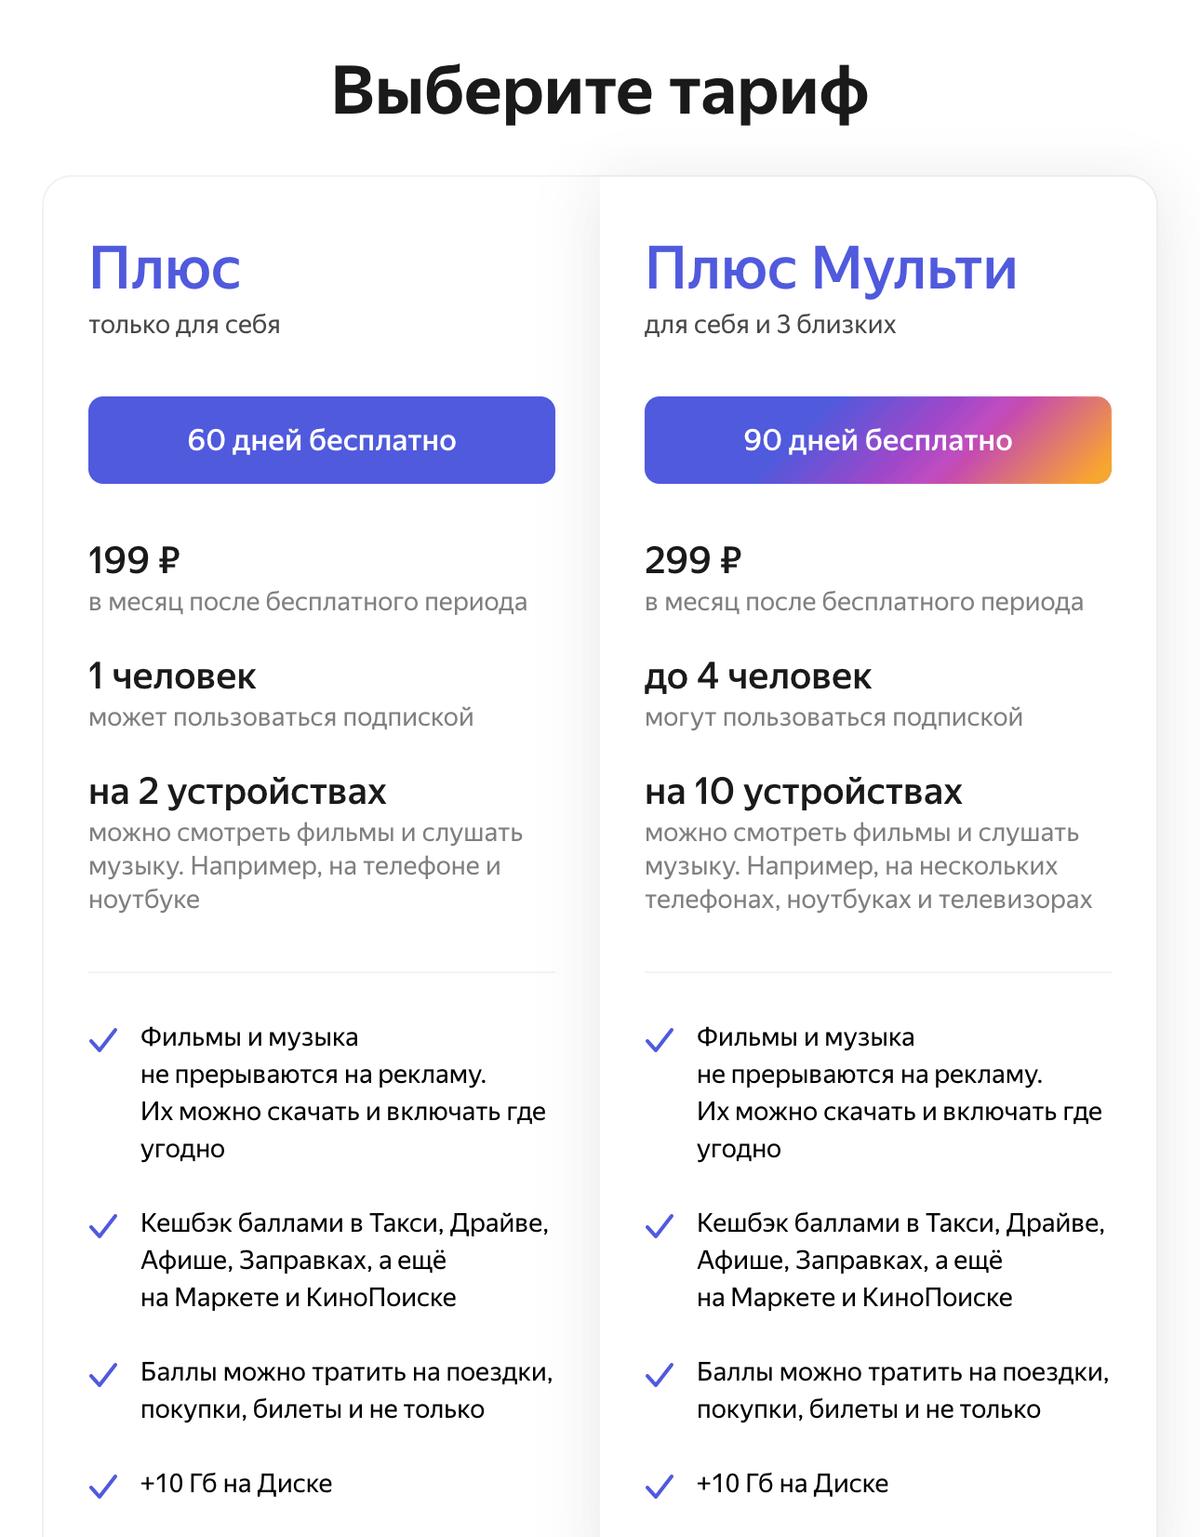 Если у вас еще не было никаких подписок «Яндекса», то «Плюс» или «Плюс-мульти» можно попробовать бесплатно